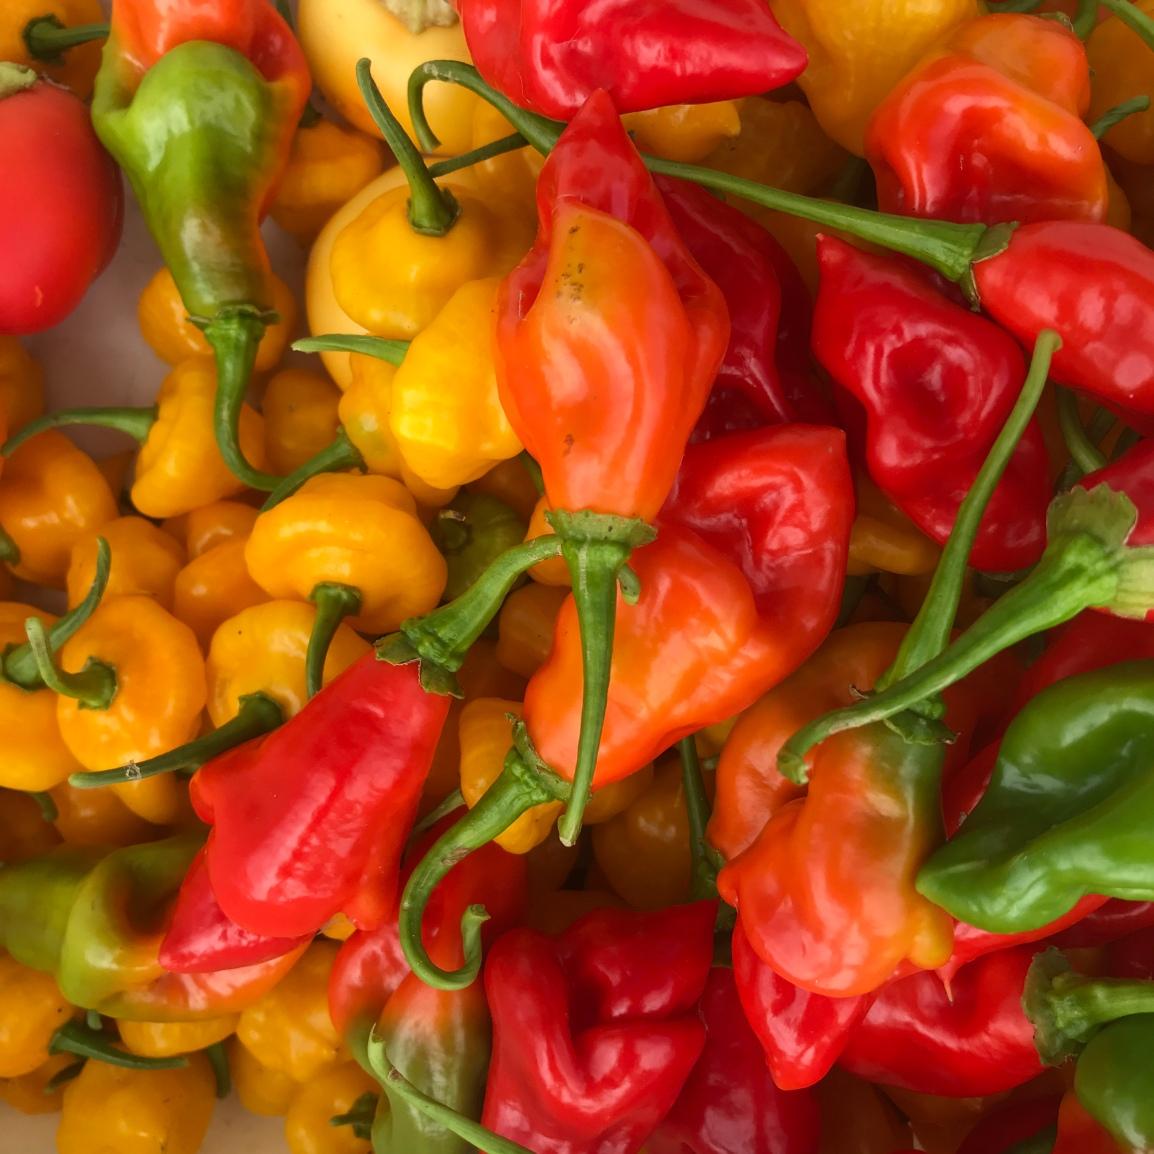 Saturday ARTfarm Produce Pickups 2/20/2021: SeasoningPeppers